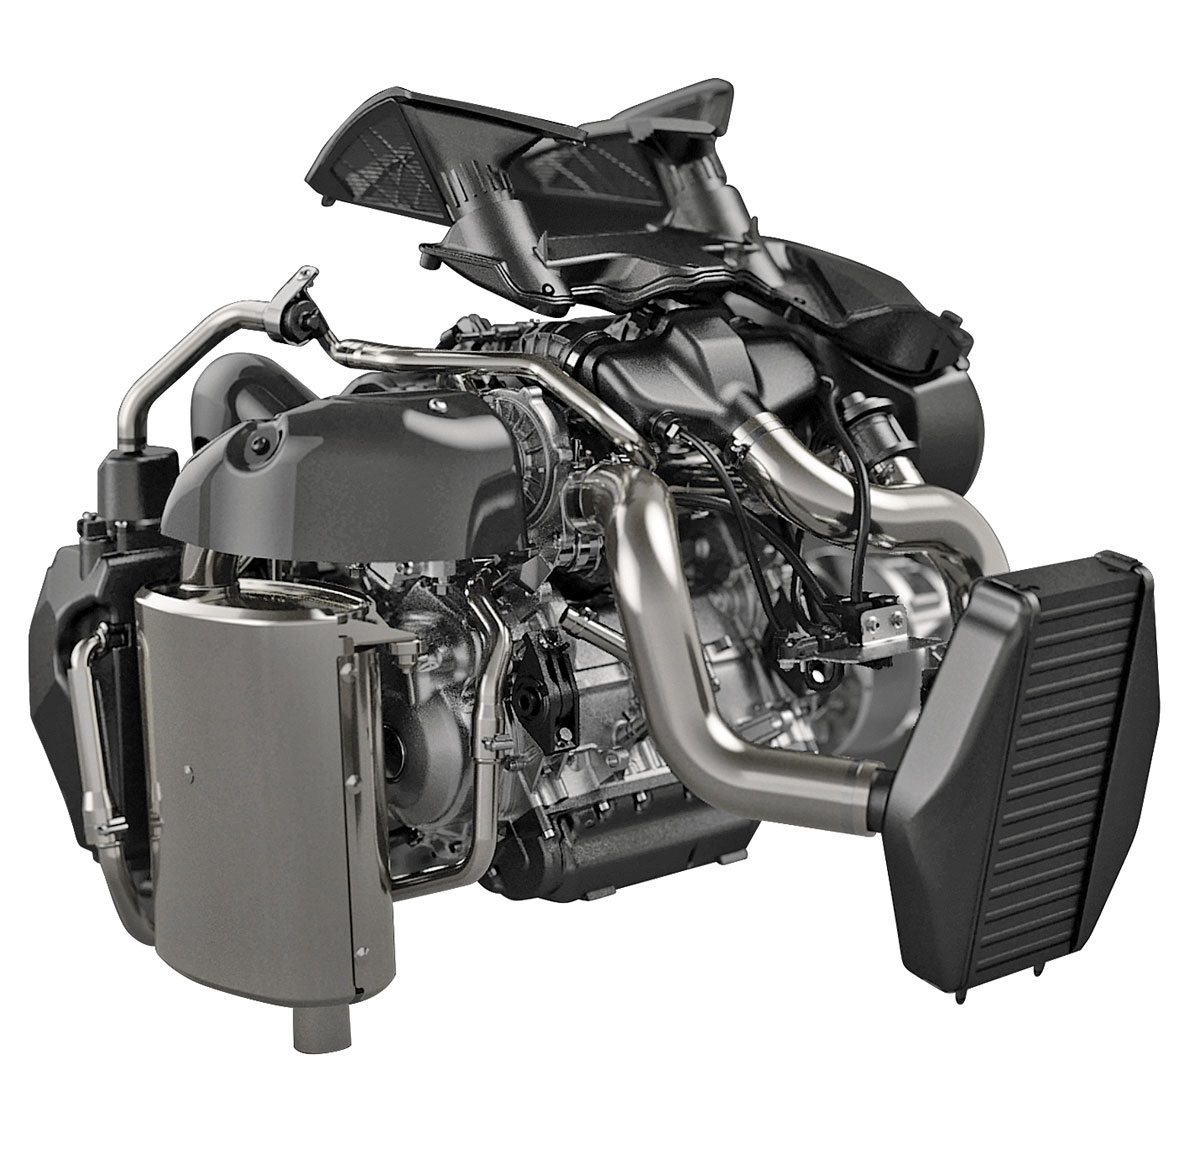 Verrons-nous un moteur Yamaha dans le Wildcat 2017?